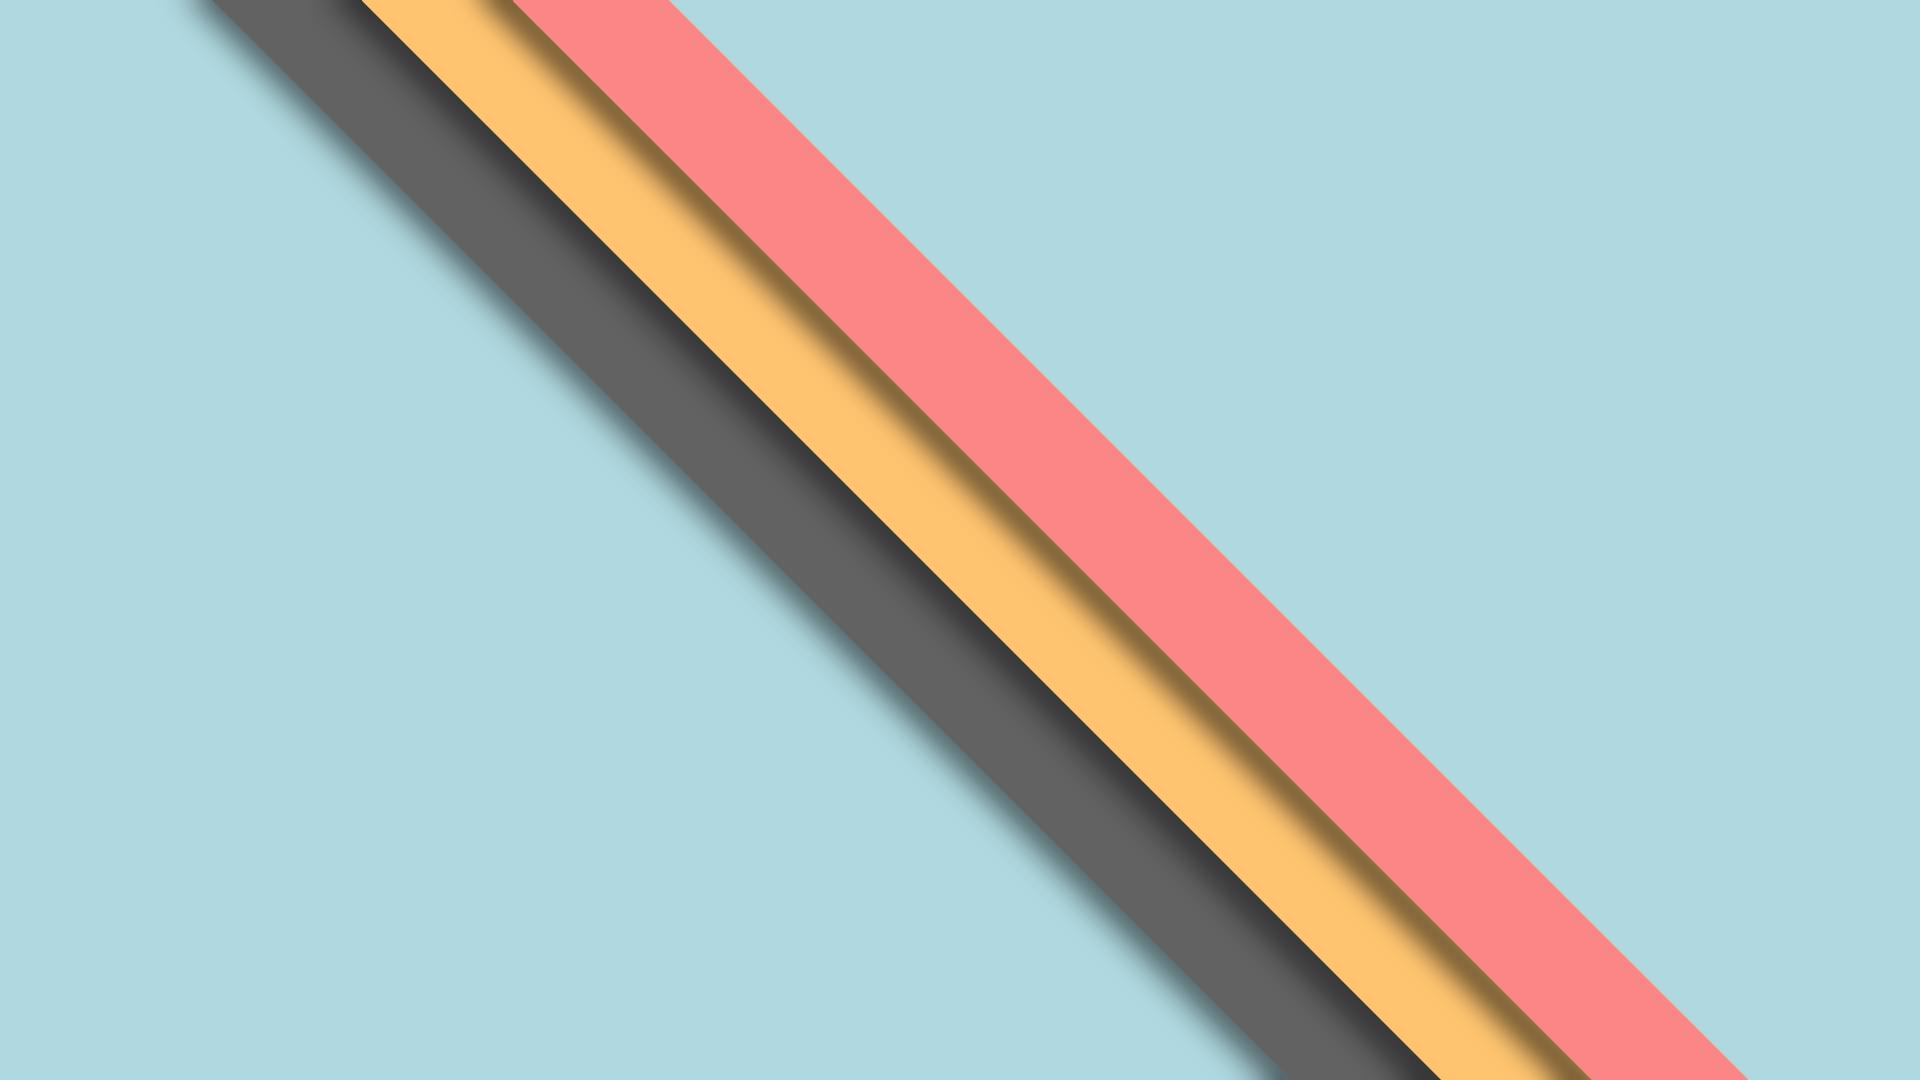 Hình nền sọc tối giản 1920x1080 - OC (1920 x 1080): hình nền